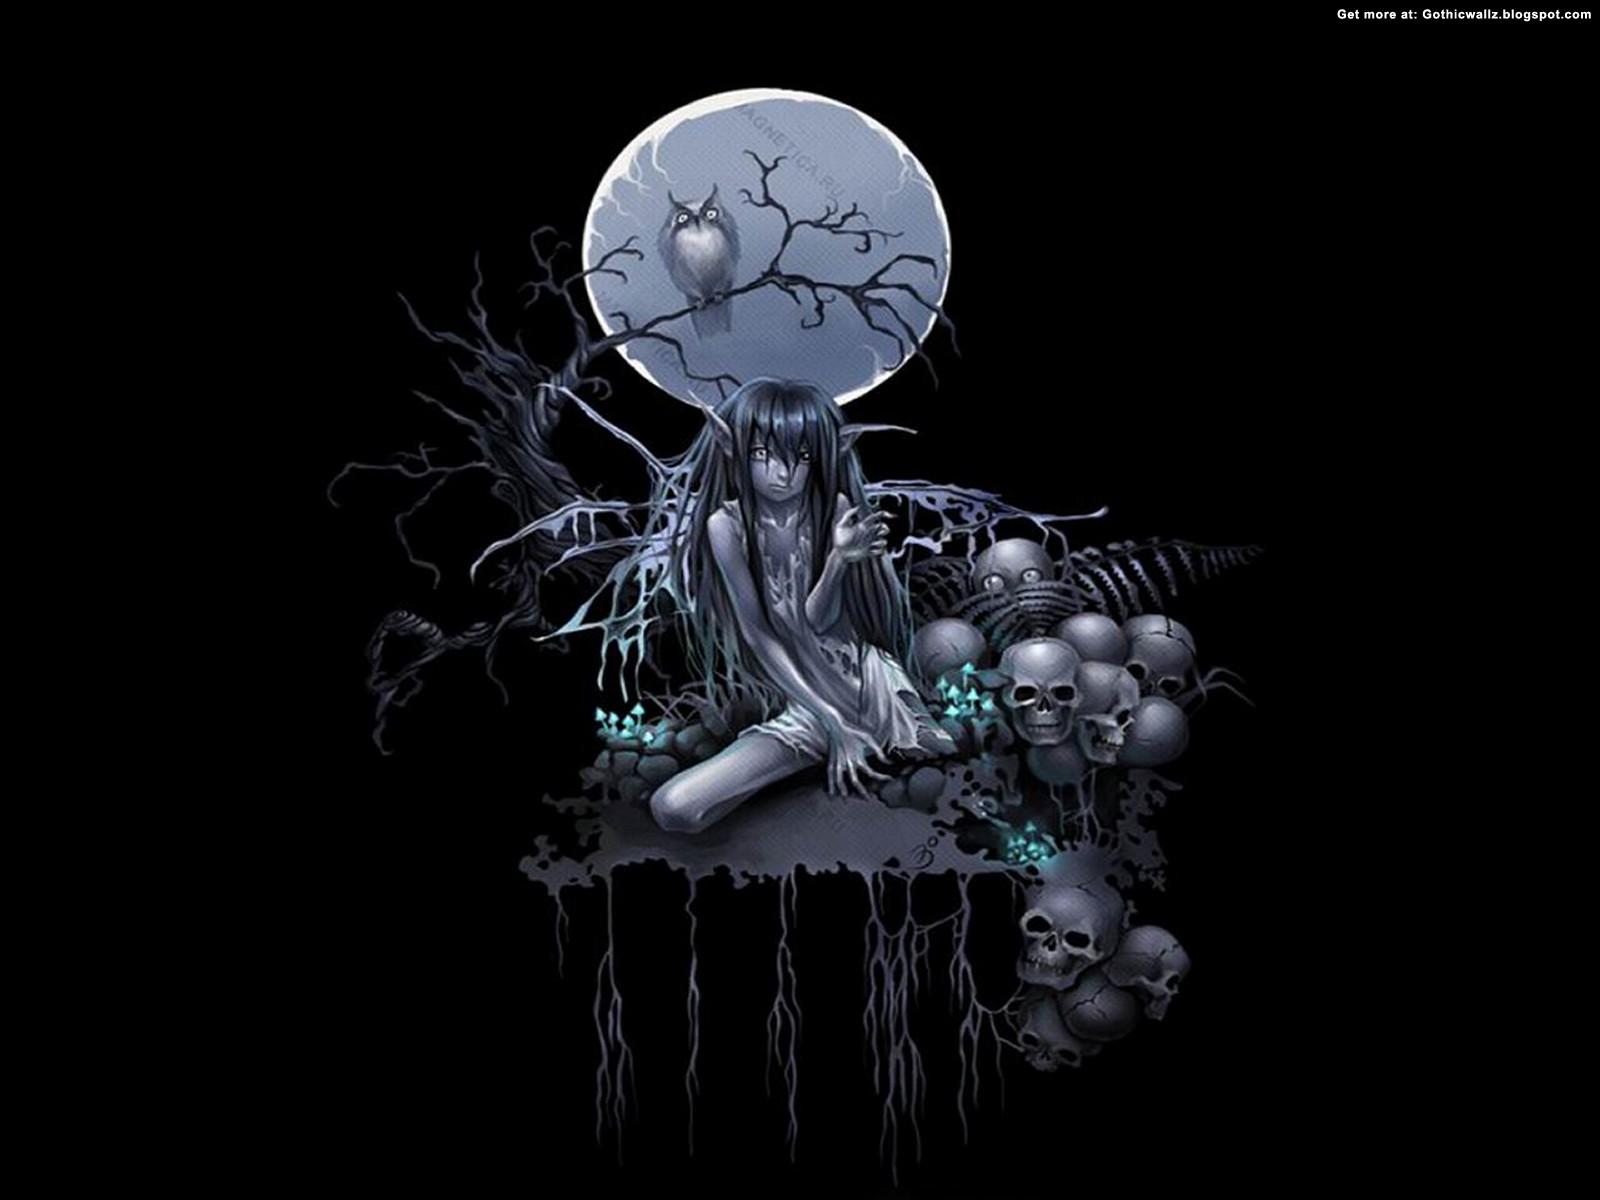 http://1.bp.blogspot.com/_-jo2ZCYhKaY/TLDyrxe7VVI/AAAAAAAAITM/SocqBU4LhJY/s1600/Dark-Art%20(gothicwallz.blogspot.com).jpg